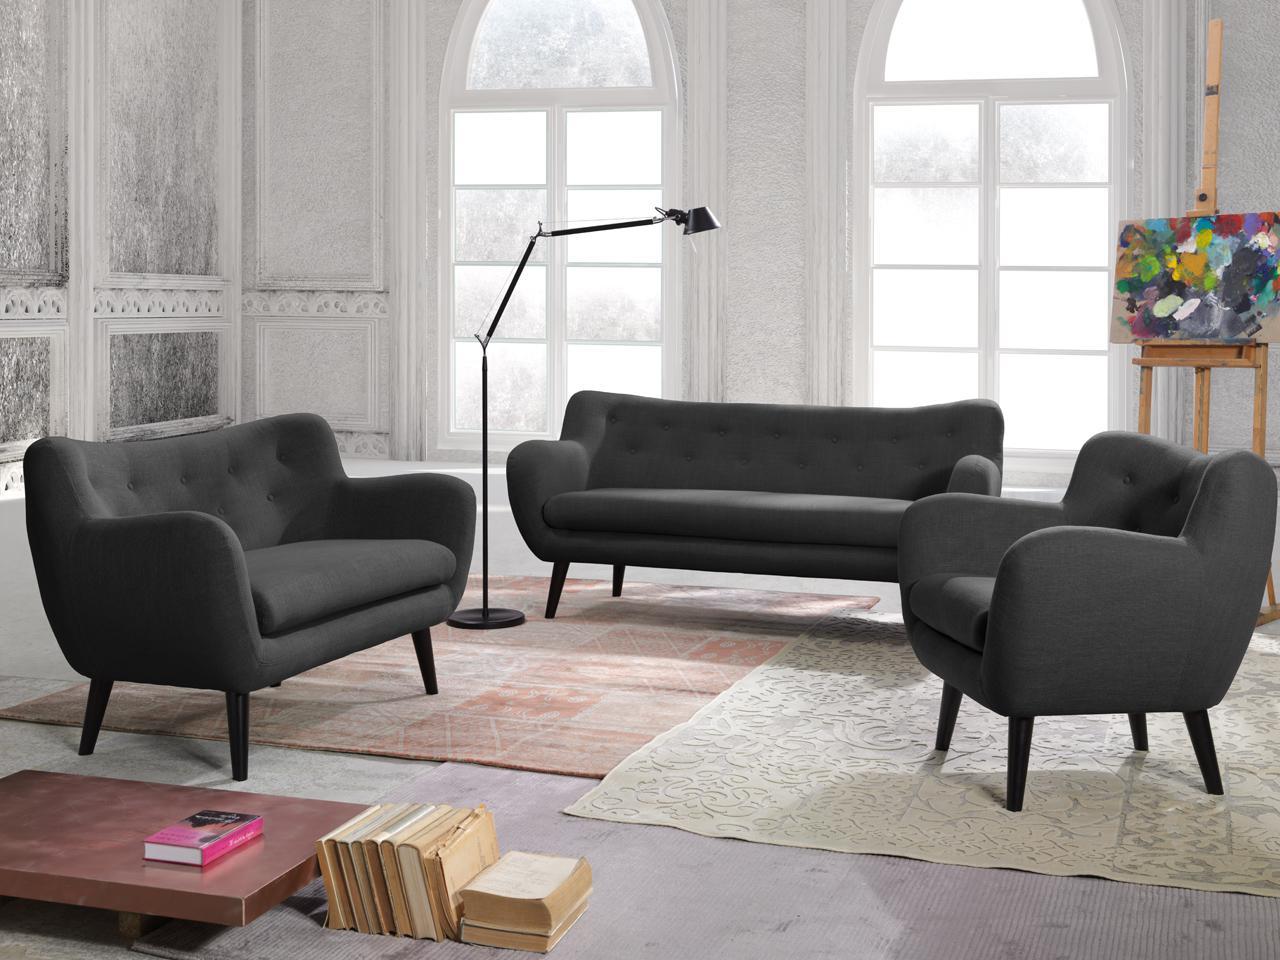 New Look Polstergarnitur George Bestehend Aus Sessel 2 Sitzer Sofa